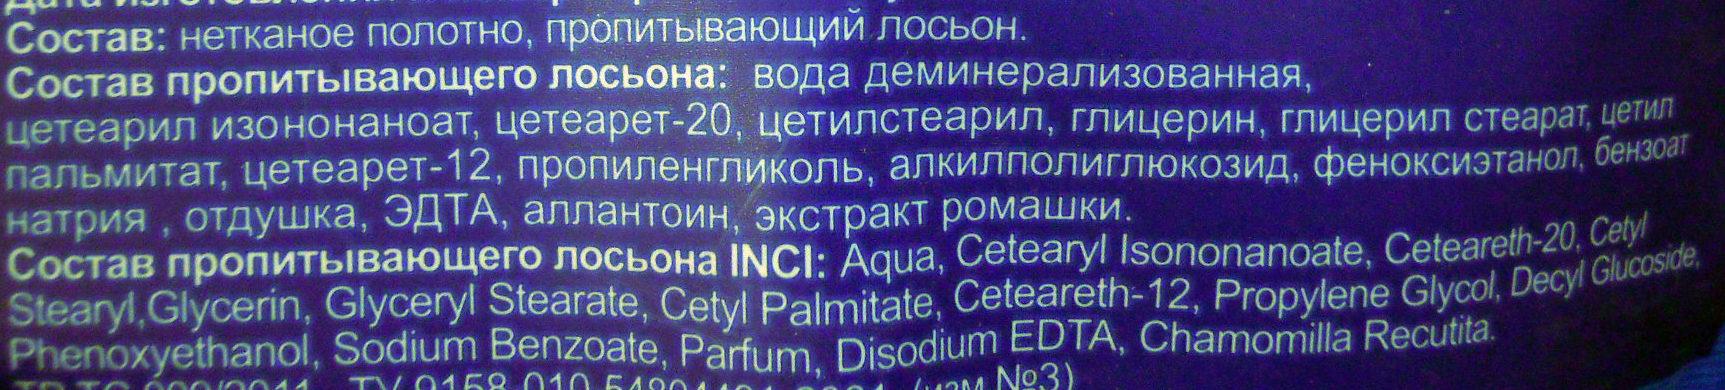 Влажная туалетная бумага - Ingredients - ru